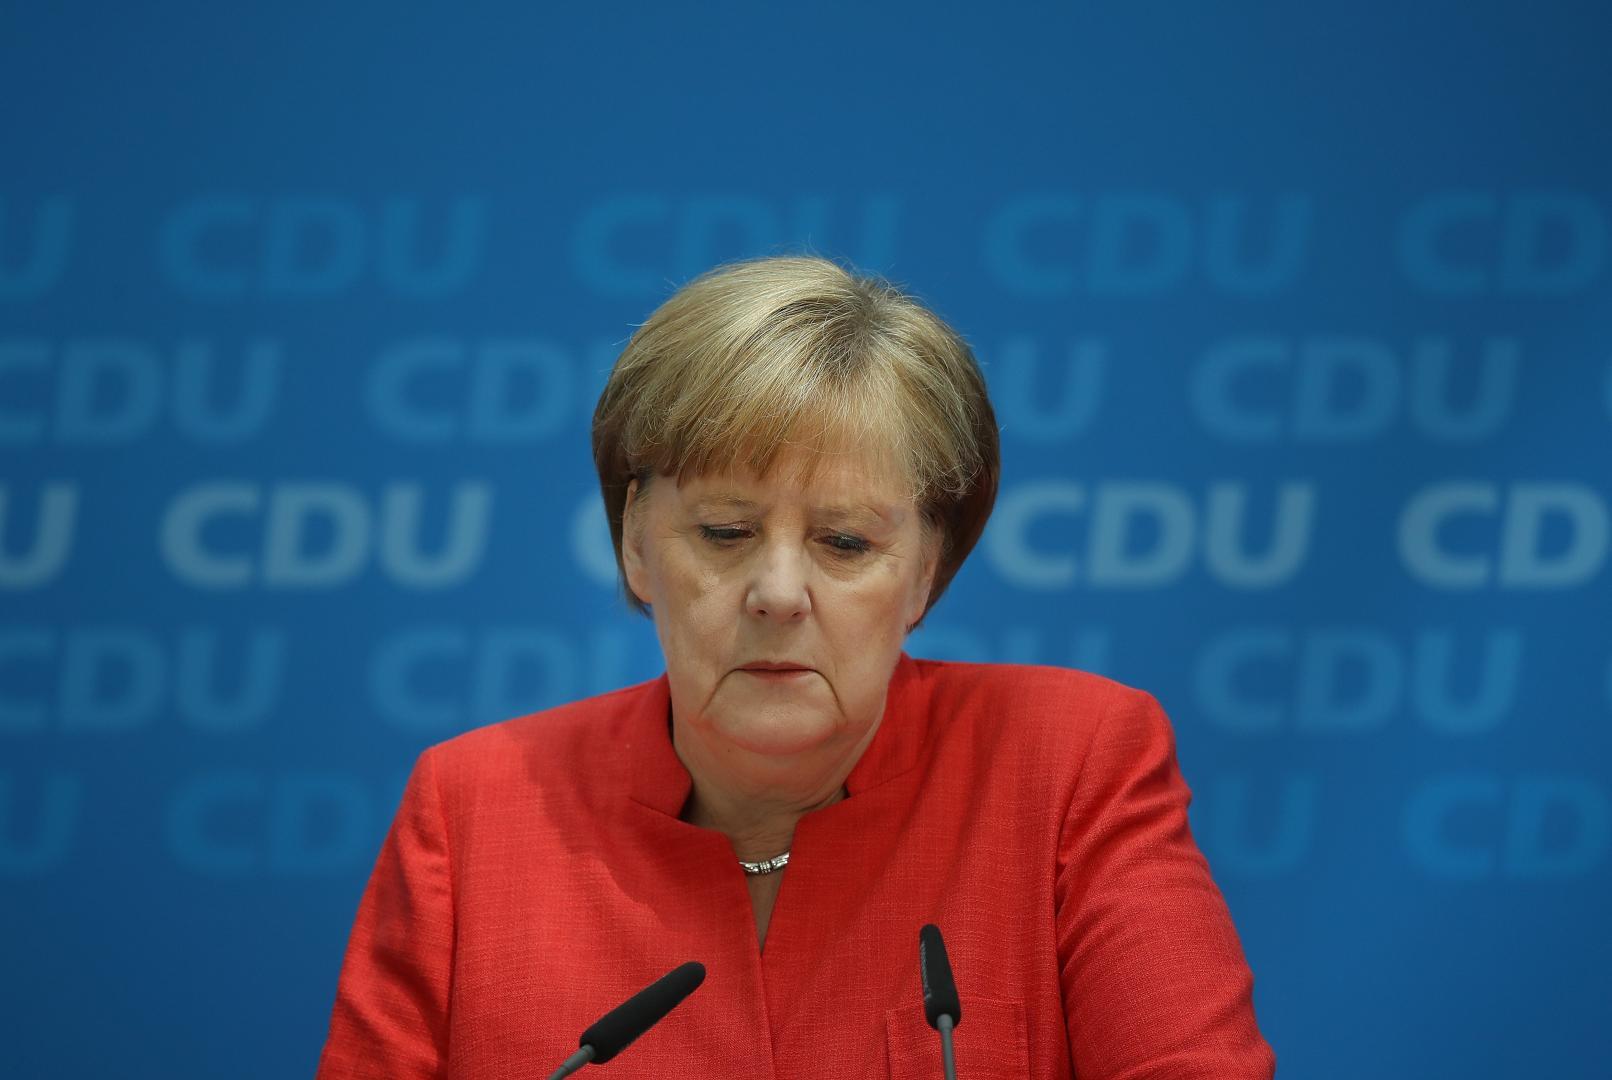 Cancelarul-german-Angela-Merkel-vrea-să-relanseze-negocierile-de-pace-în-Ucraina